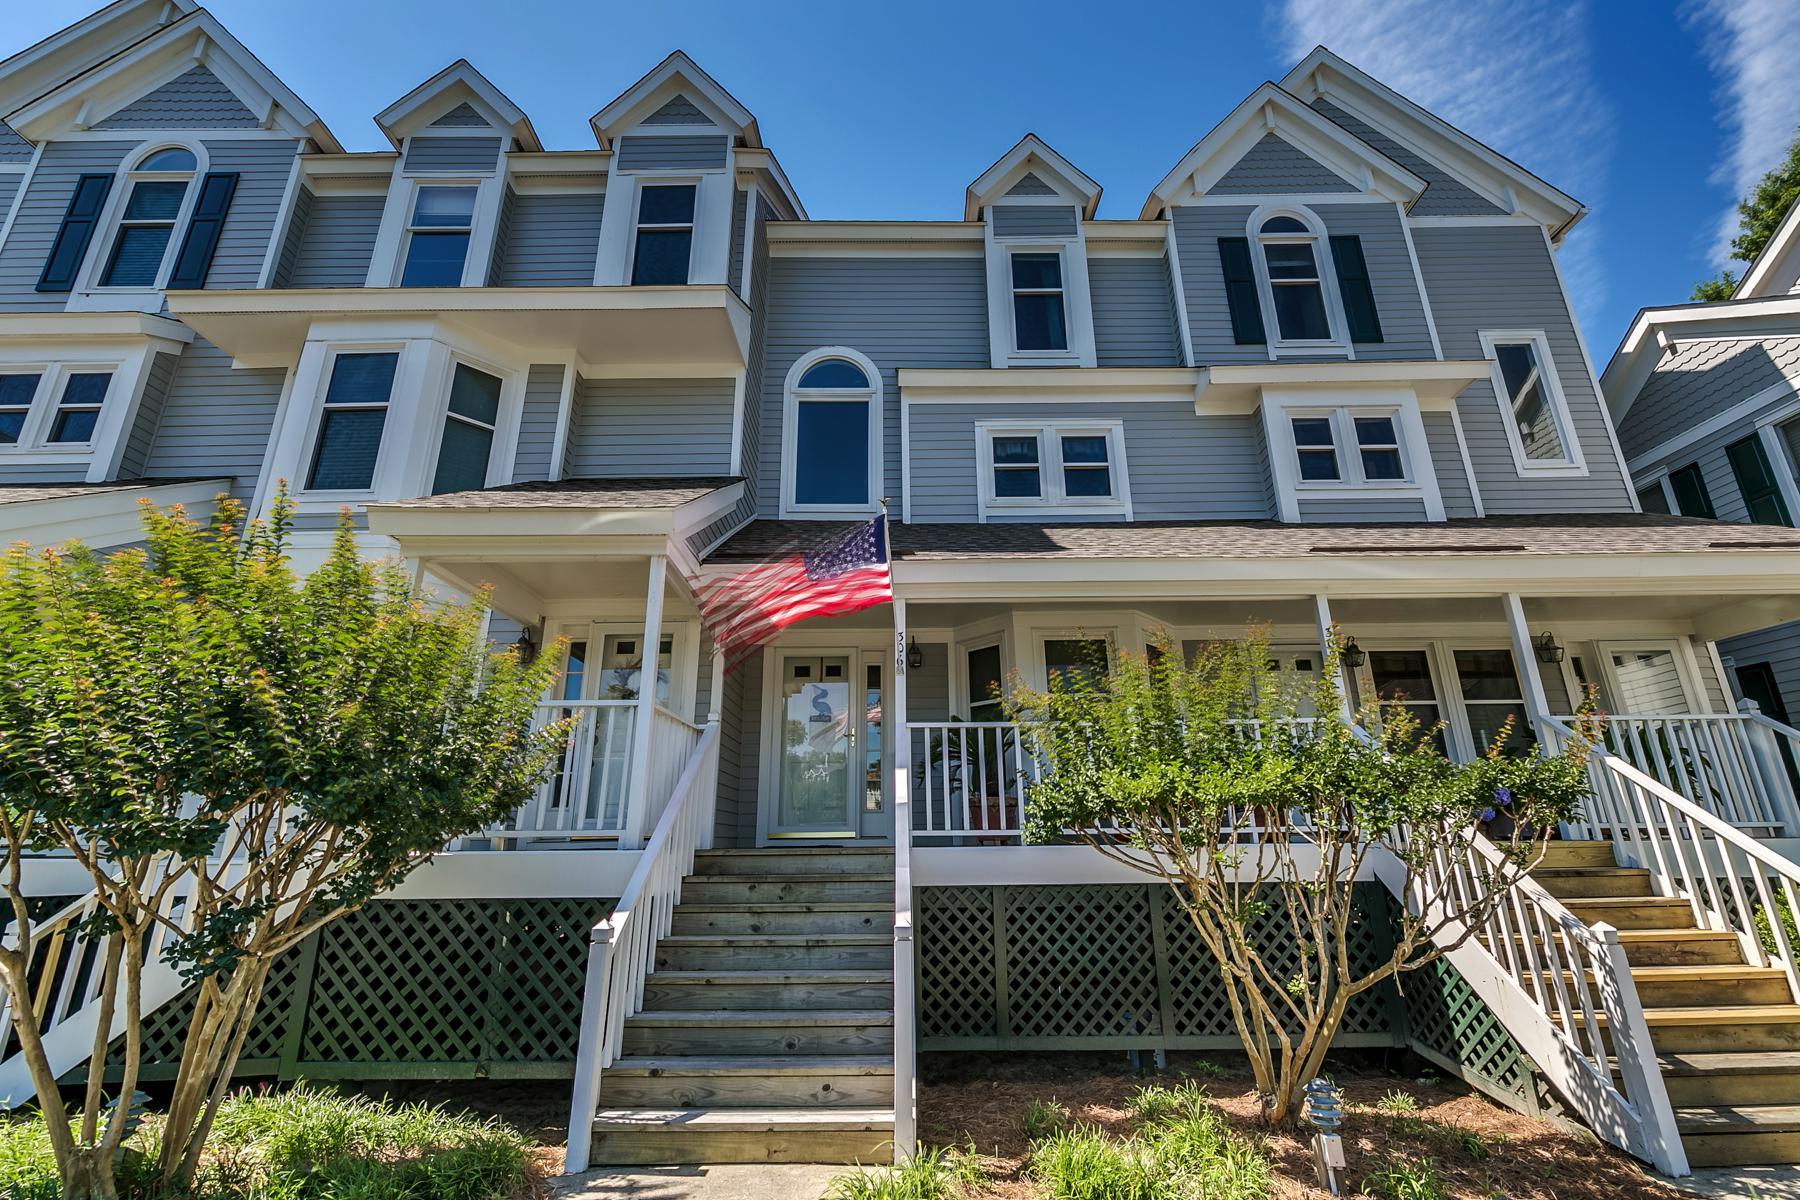 獨棟家庭住宅 為 出售 在 4999 Hwy 17 Business Murrells Inlet, 南卡羅來納州, 29576 美國